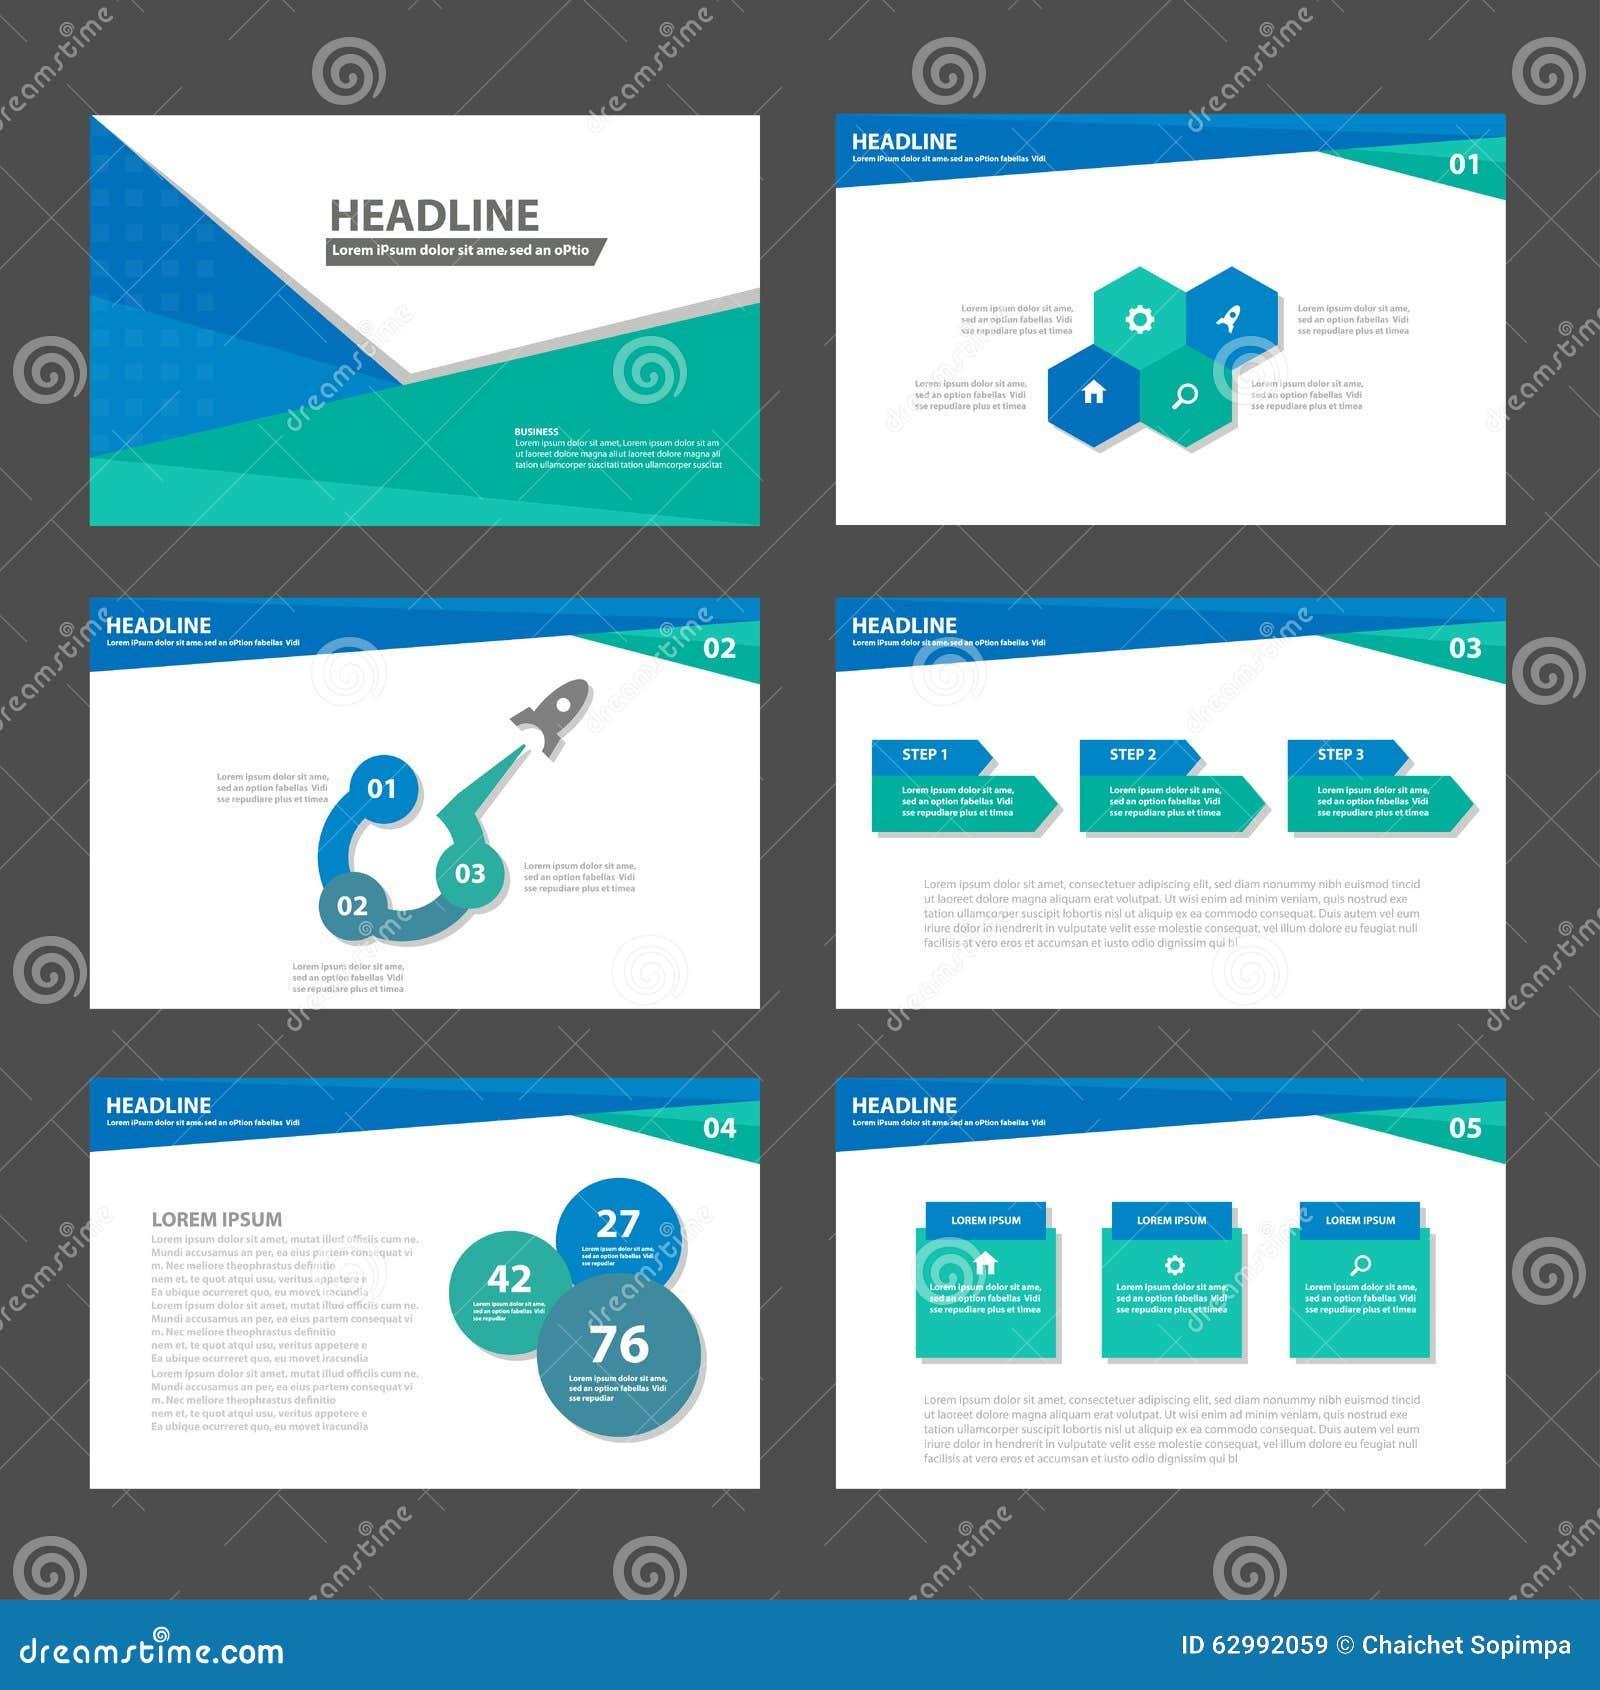 leaflet template design stock vector image  blue green presentation template infographic elements flat design set for brochure flyer leaflet marketing royalty